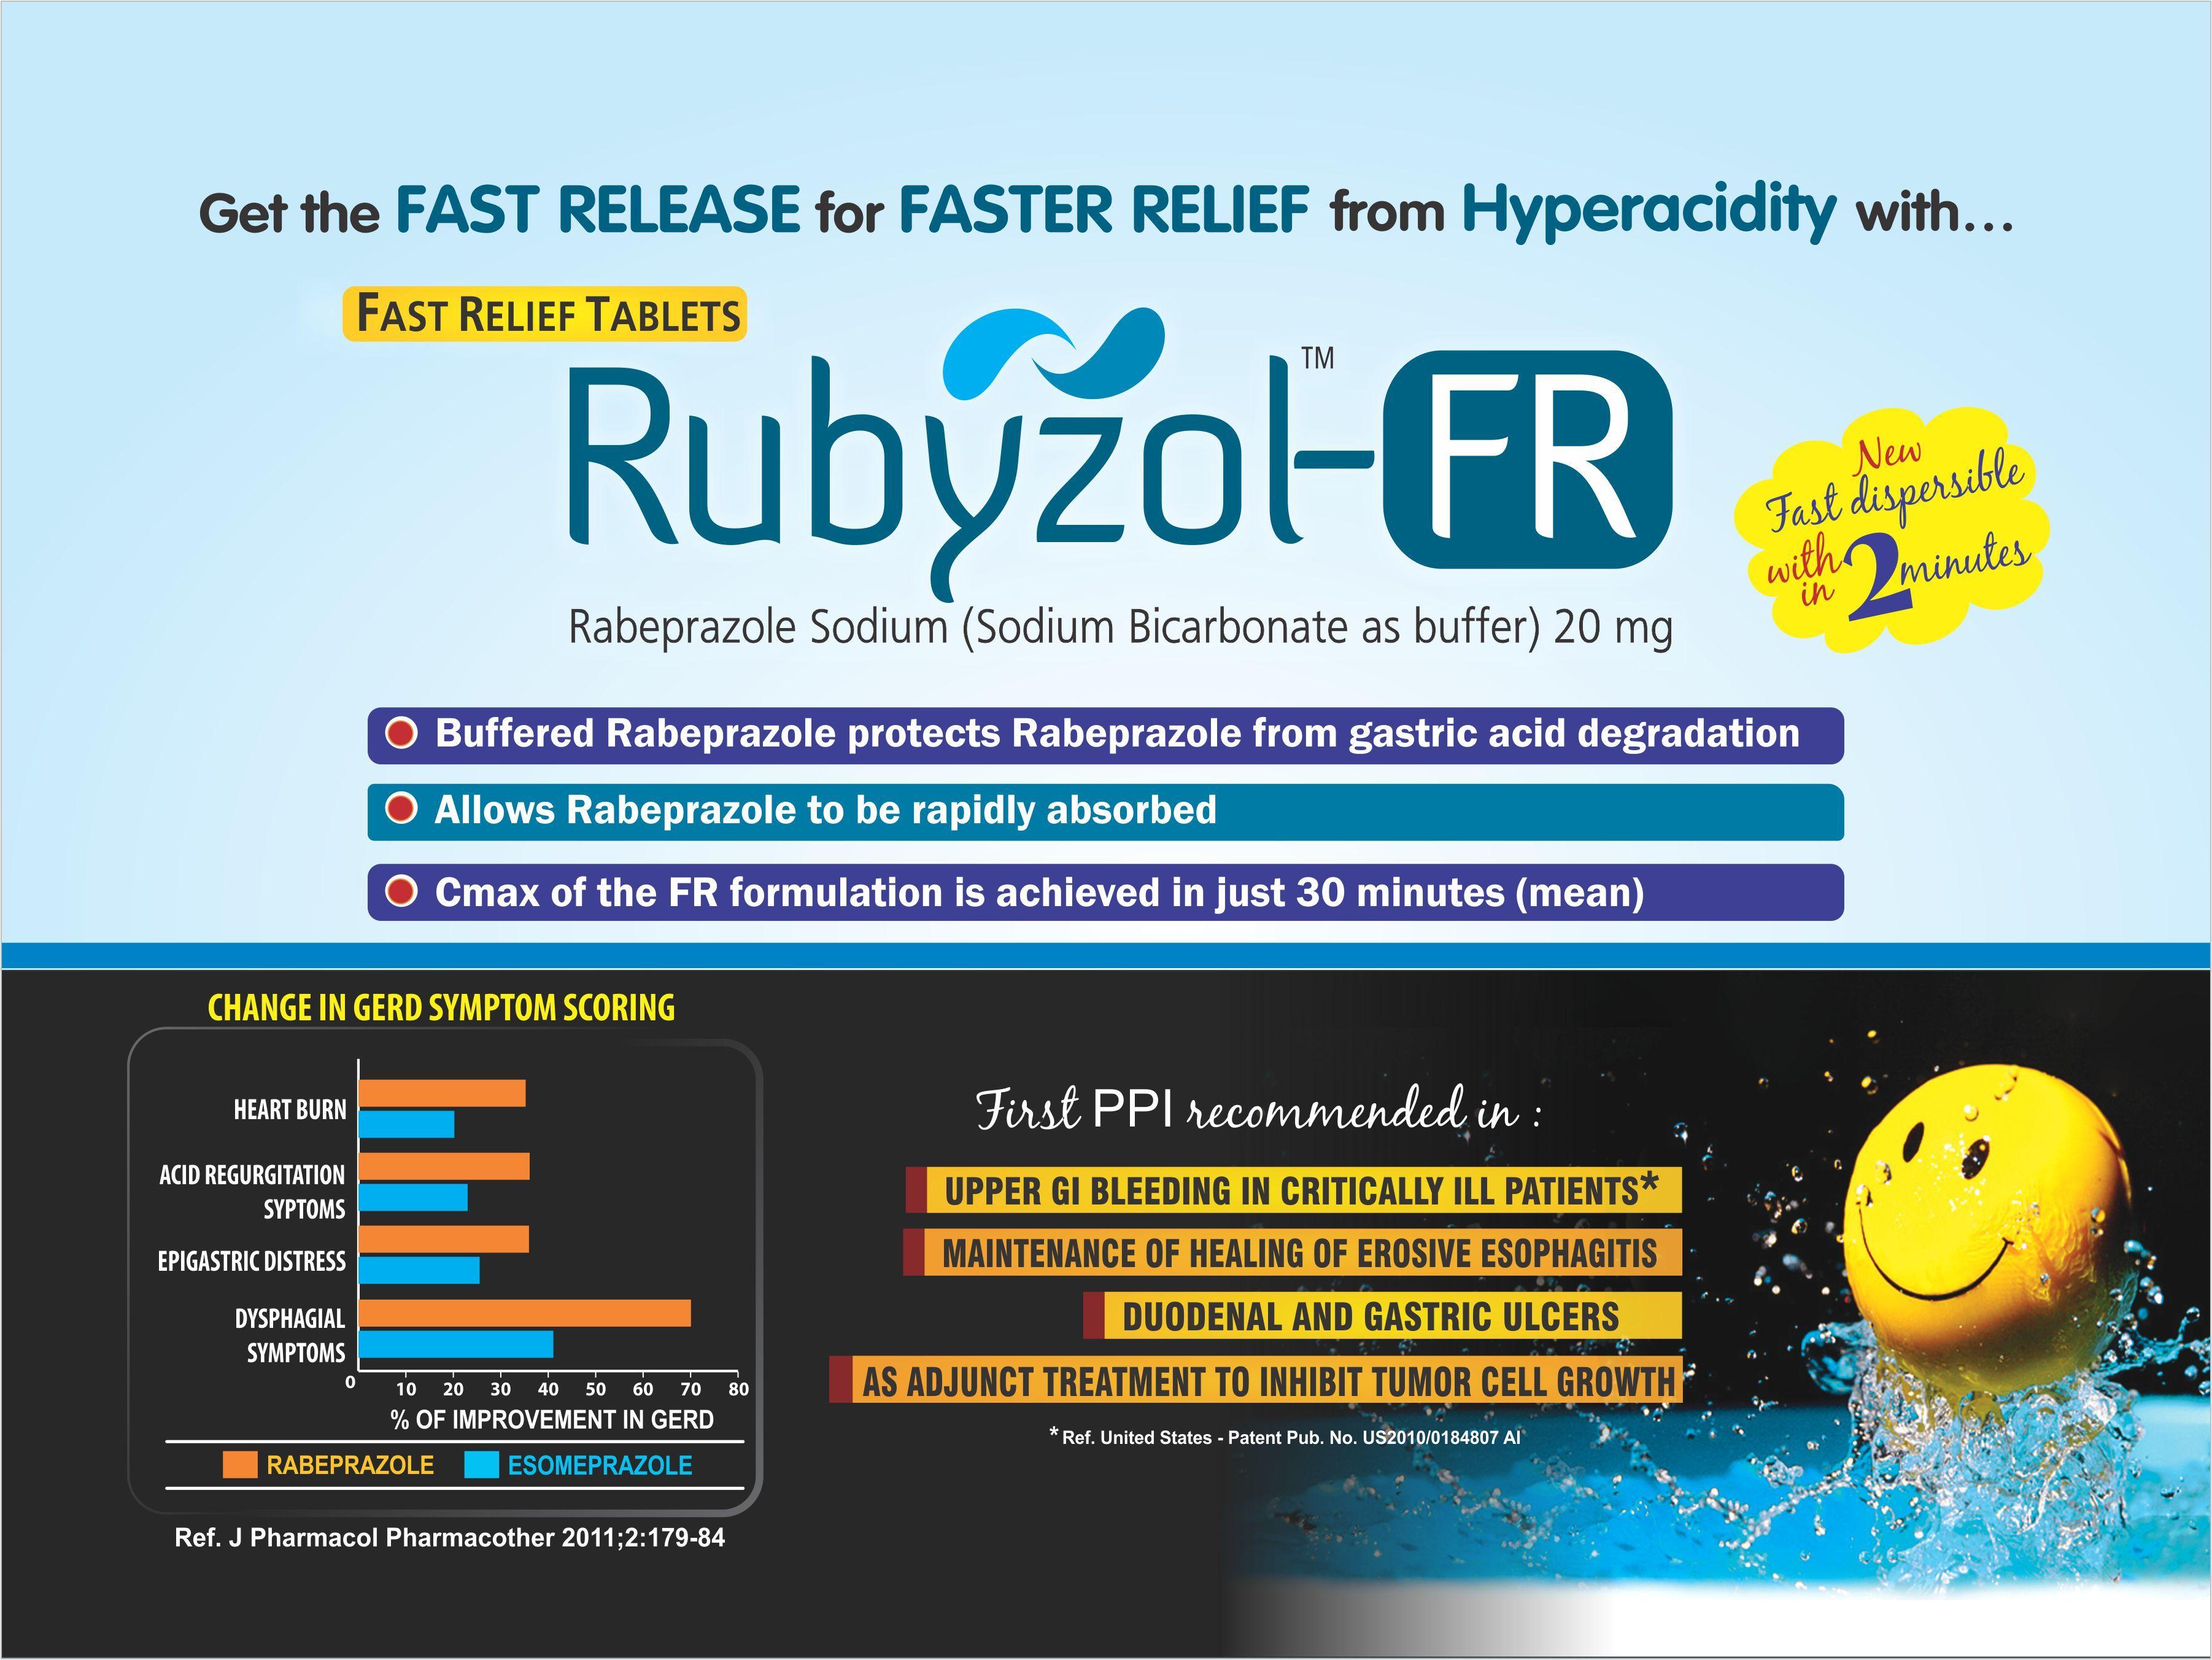 Rabeprazole 20 mg with Sodium Bicarbonate